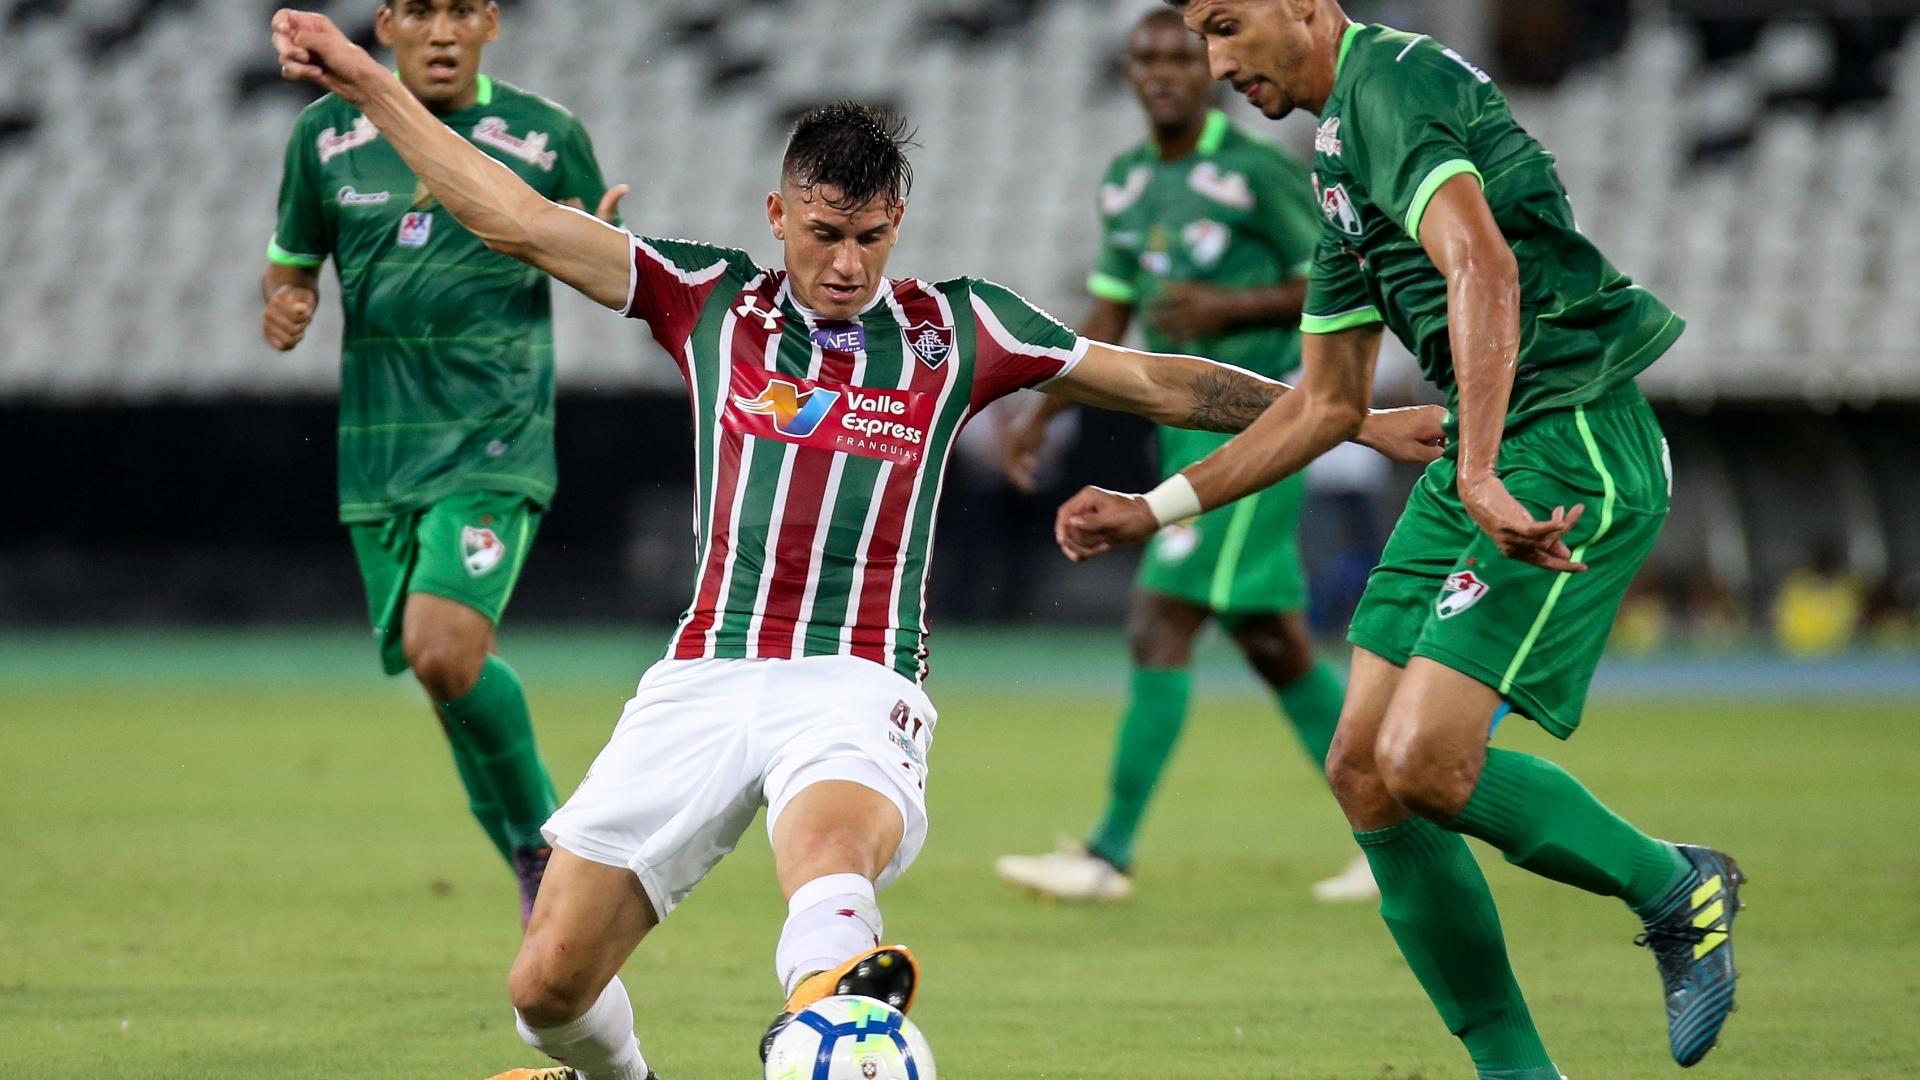 Ibañez, zagueiro do Fluminense, tenta parar o ataque do Salgueiro